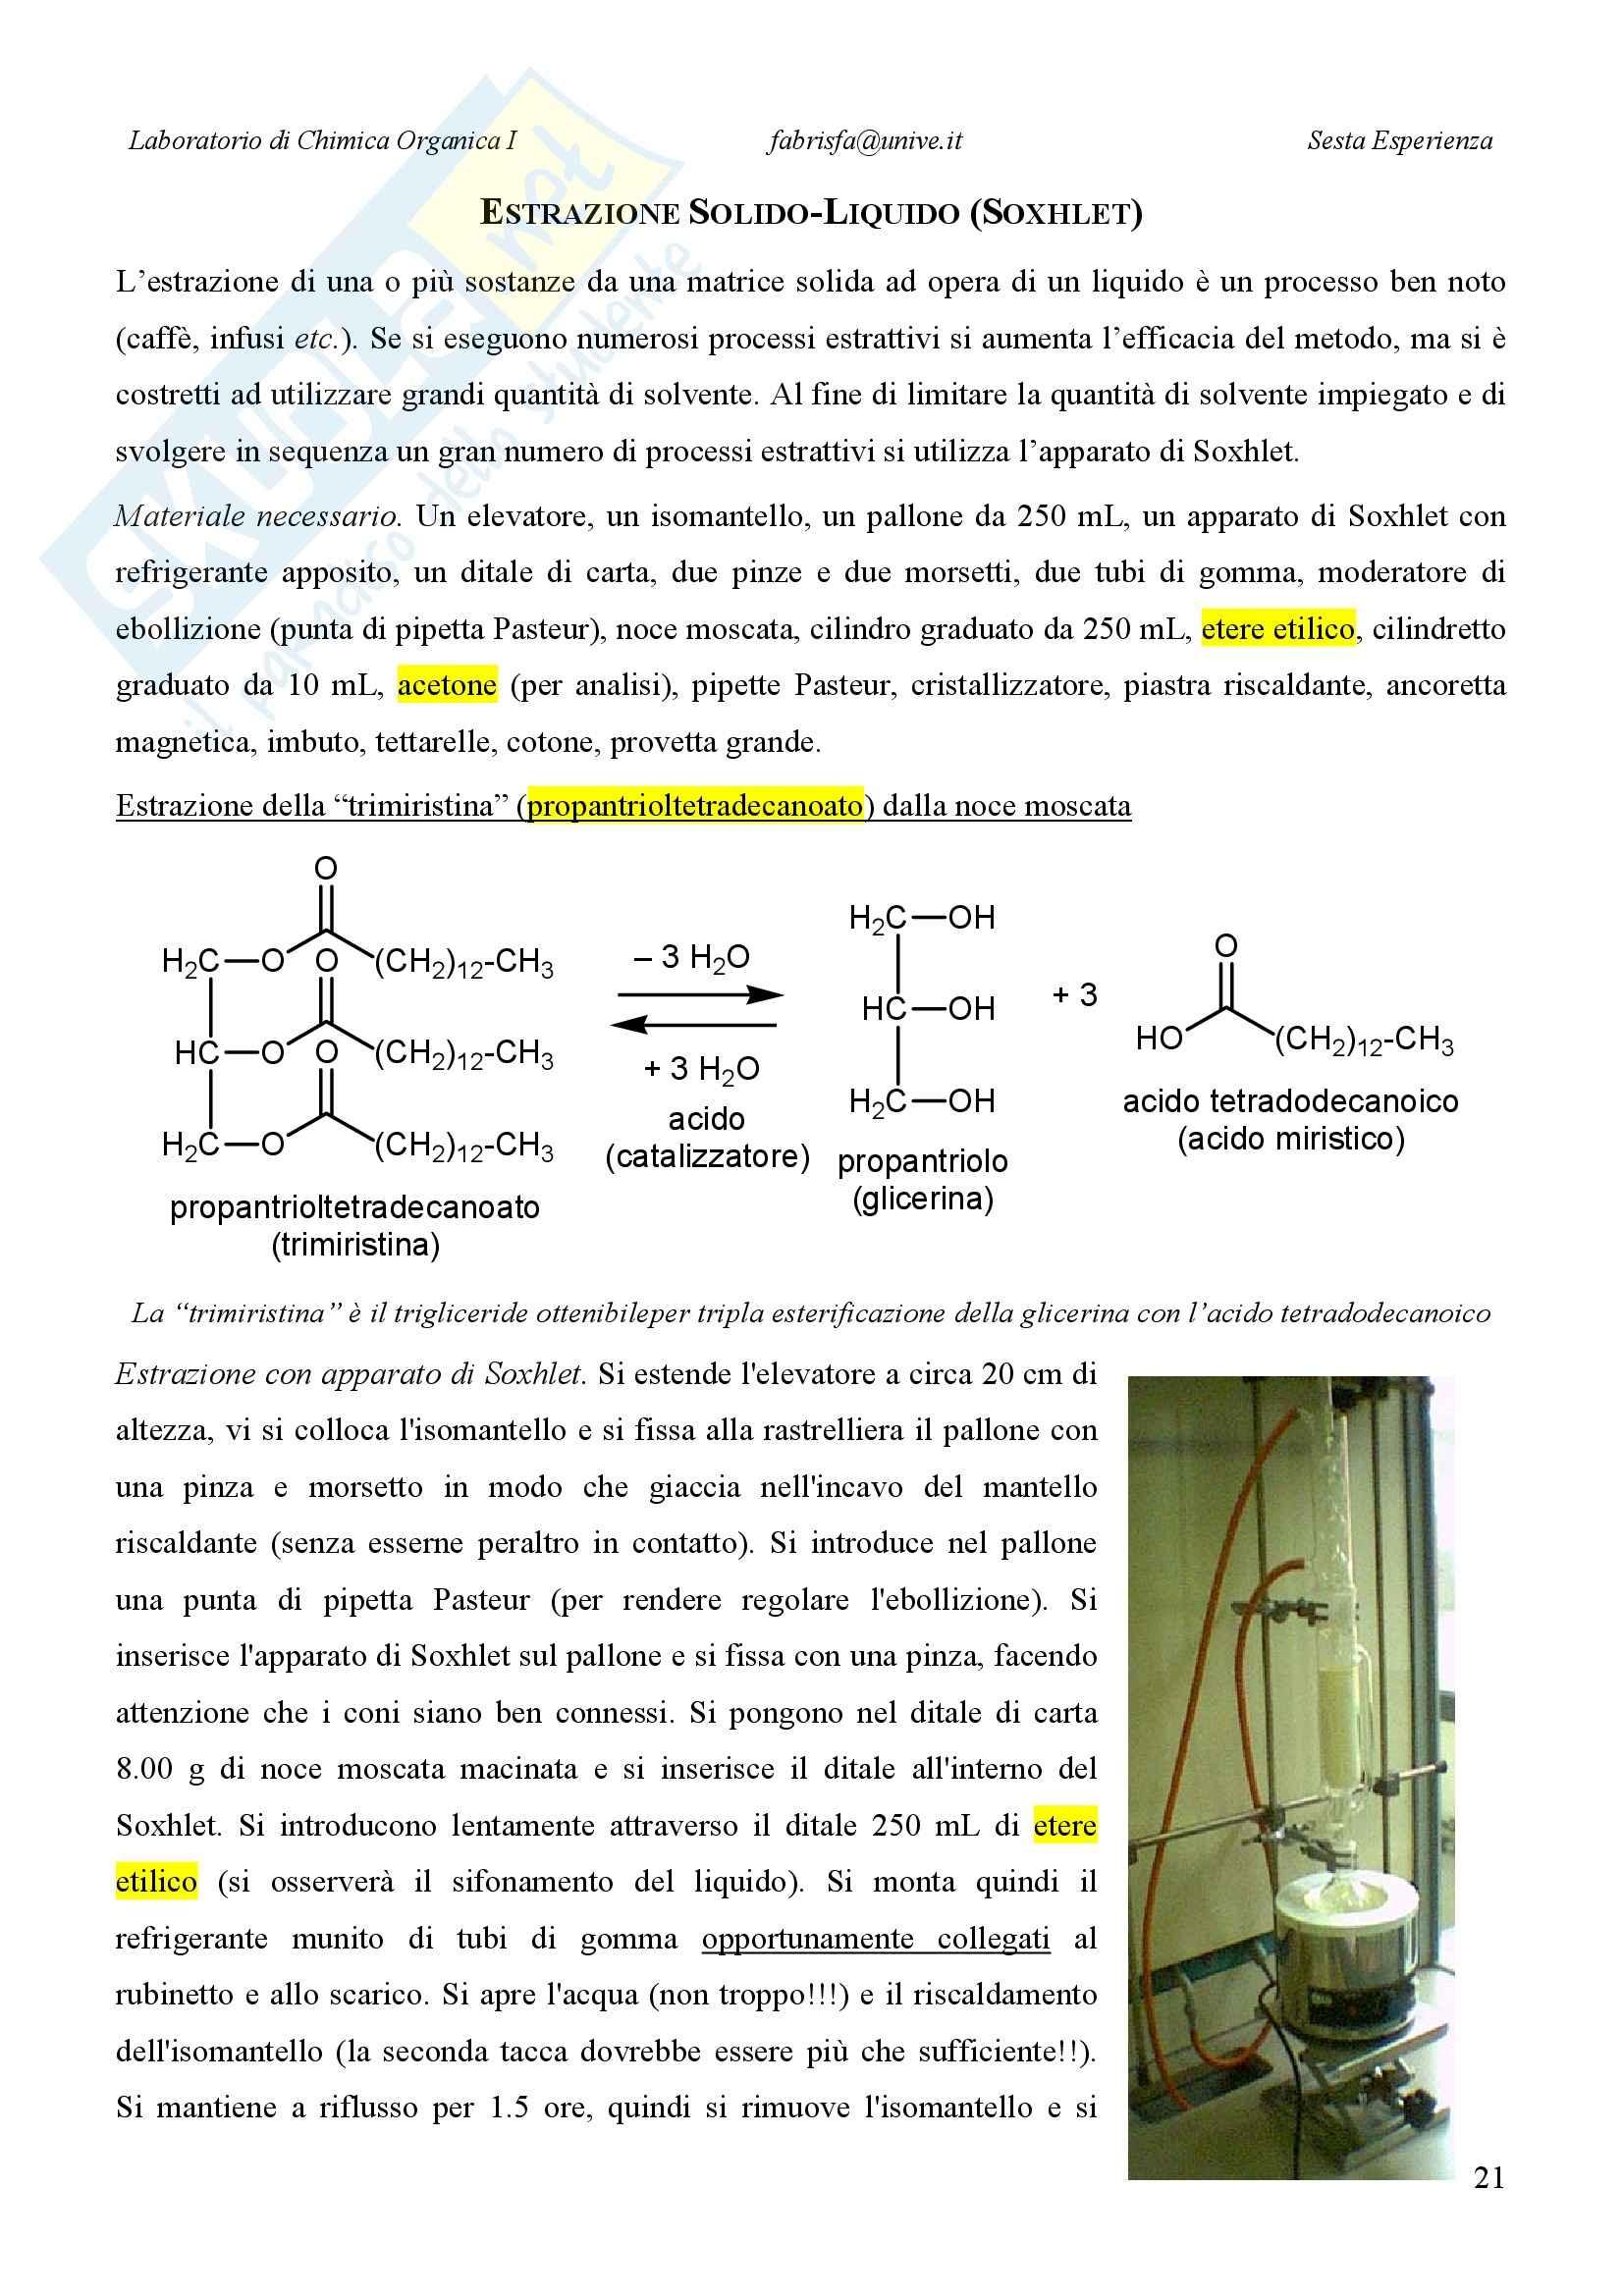 Laboratorio di estrazione e sintesi dei farmaci - Appunti Pag. 21